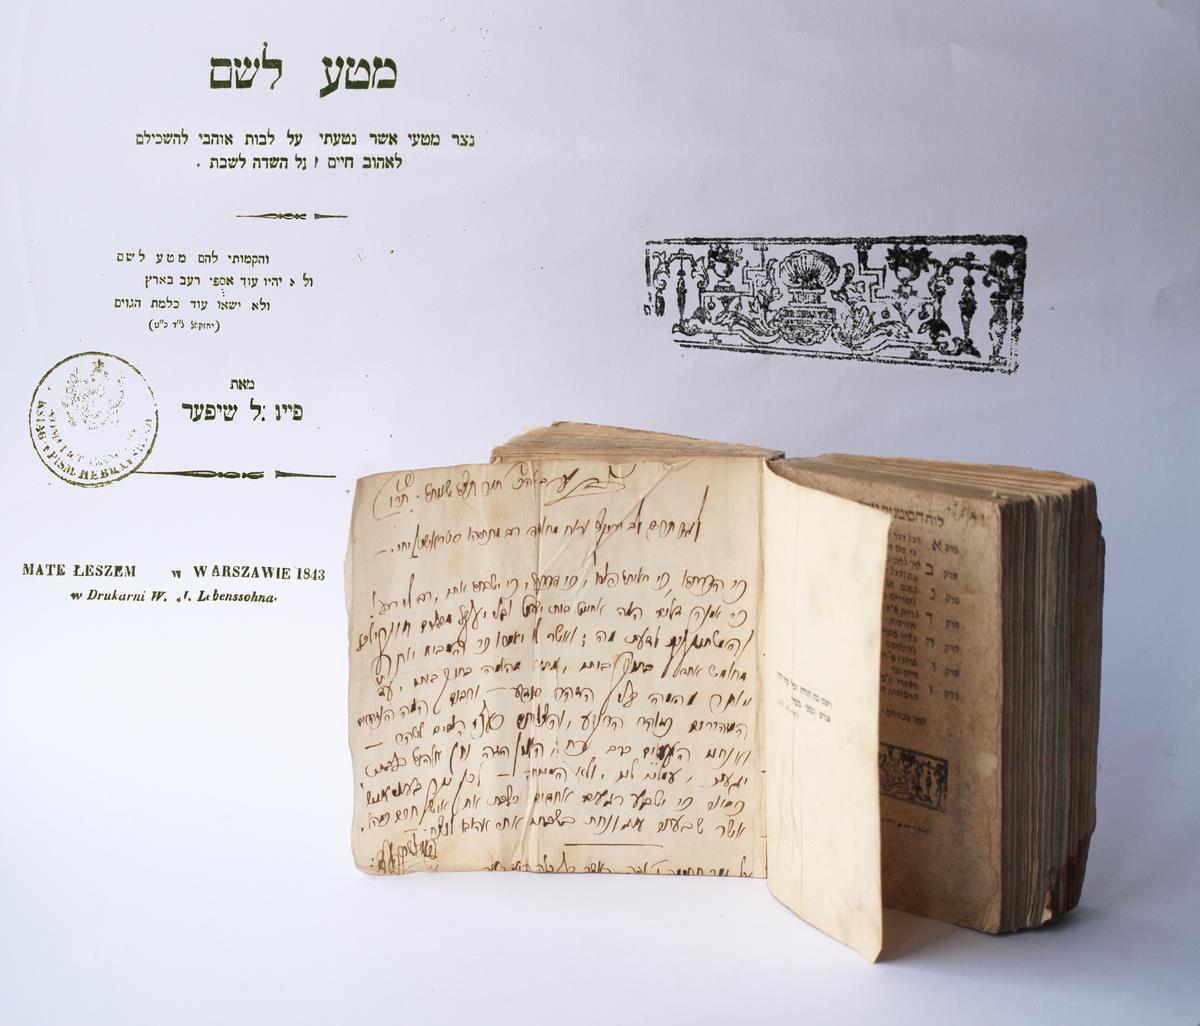 """Faivlo Šiperio knyga """"Mate la-shem"""" (hebr. """"Dievo sostas""""). <br /> Varšuva, Judo Lebensono spaustuvė, 1843. <br /> Su įklijuotu autoriaus laišku Matui Strašunui."""